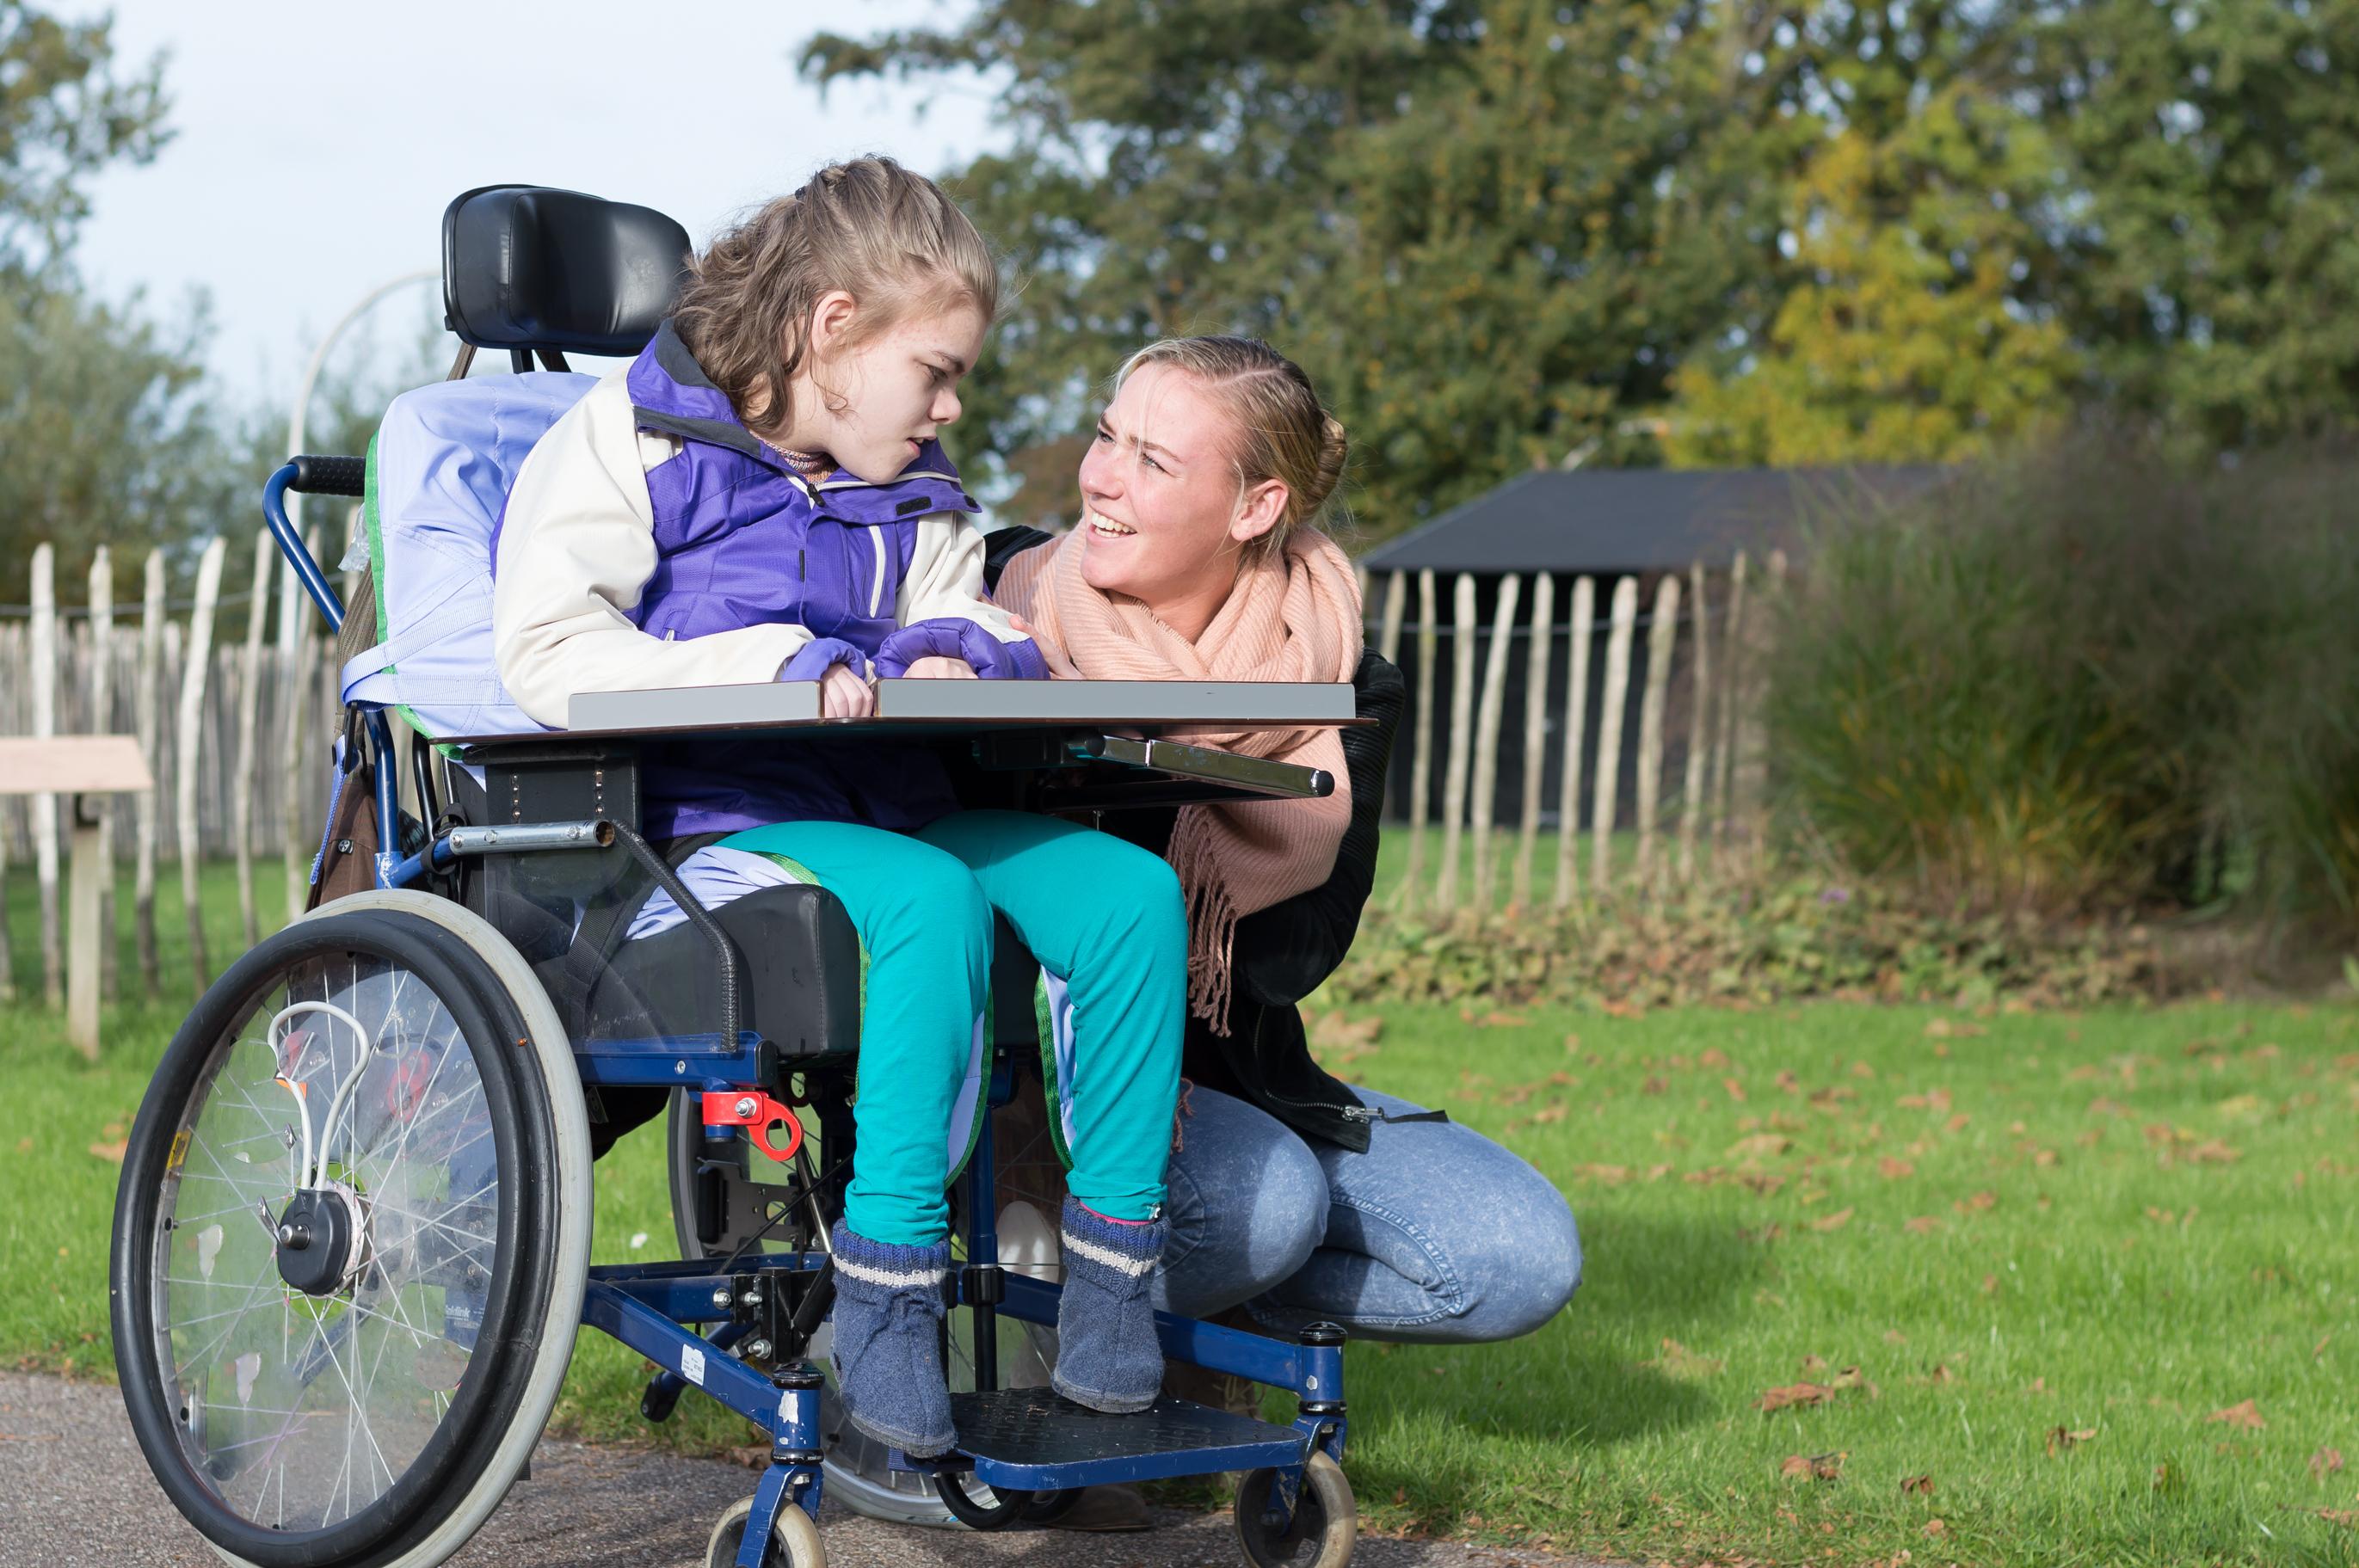 Ur ett barnperspektiv är det viktigt att vidta åtgärder för att möjliggöra för barn med funktionsnedsättning att bo hemma menar Socialstyrelsens expert.